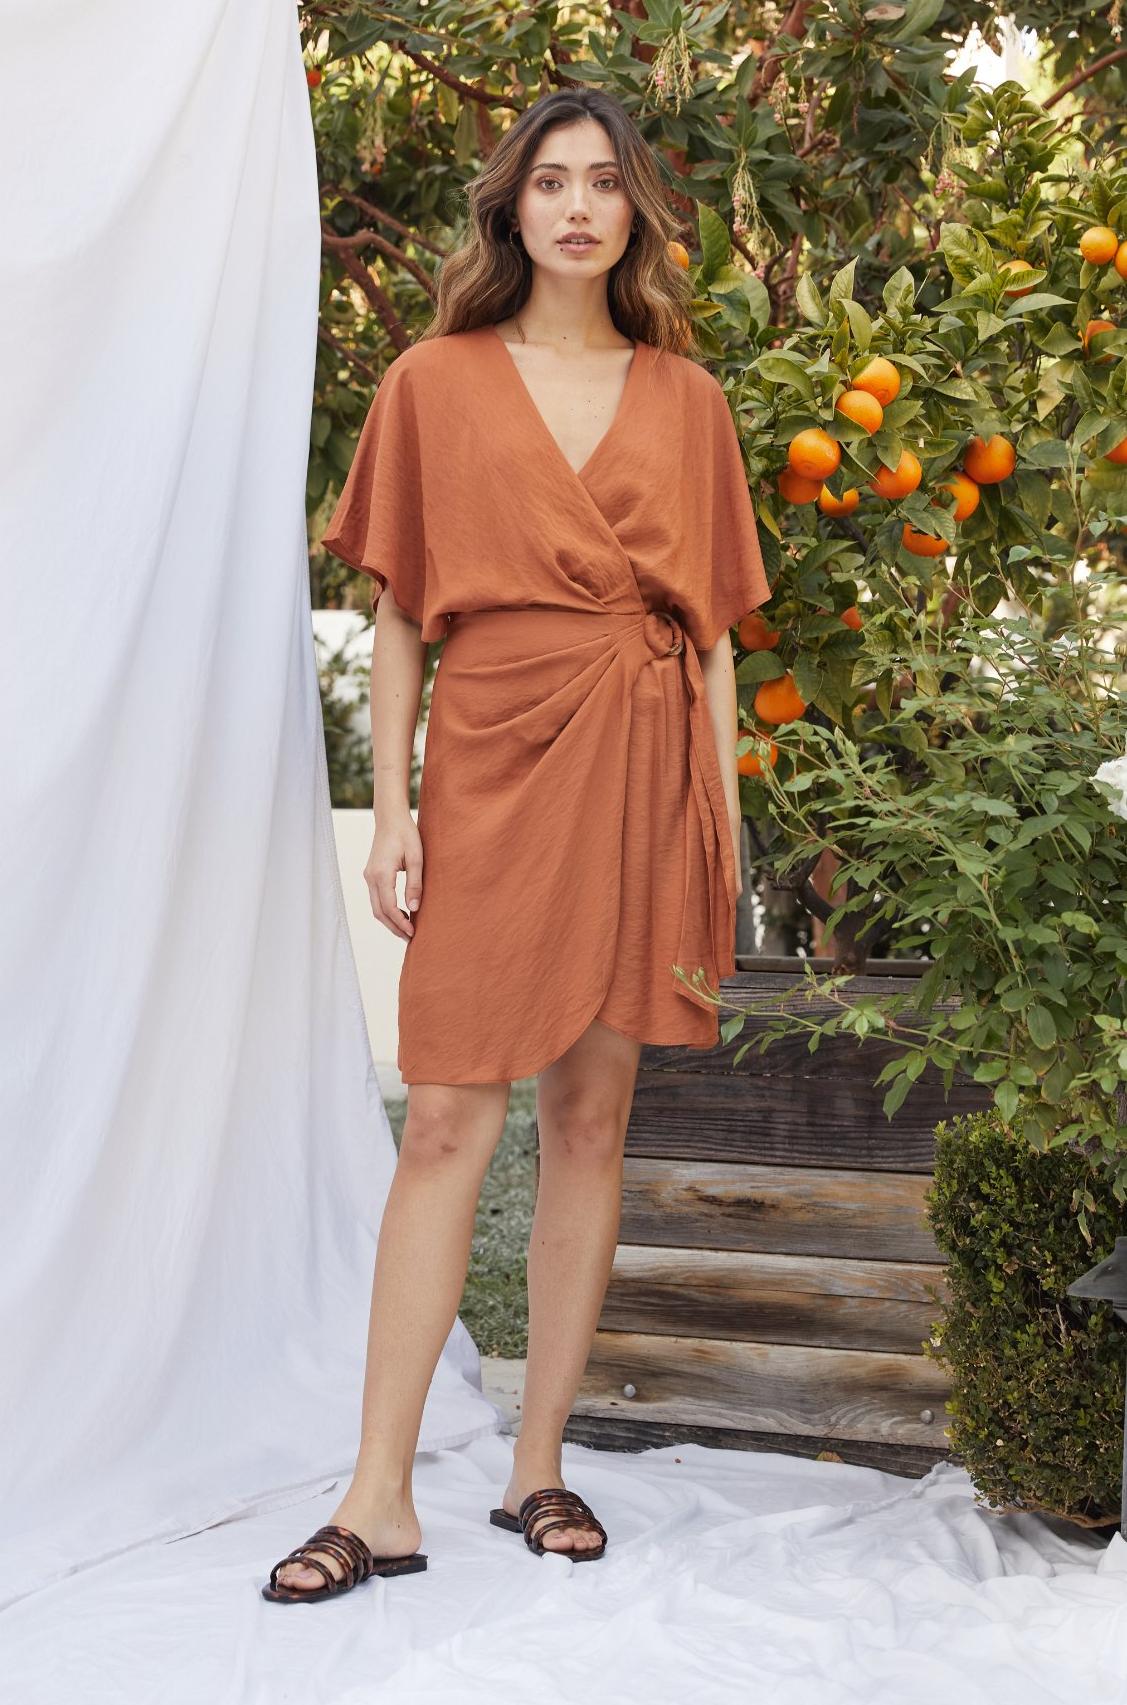 model wearing orange wrap dress